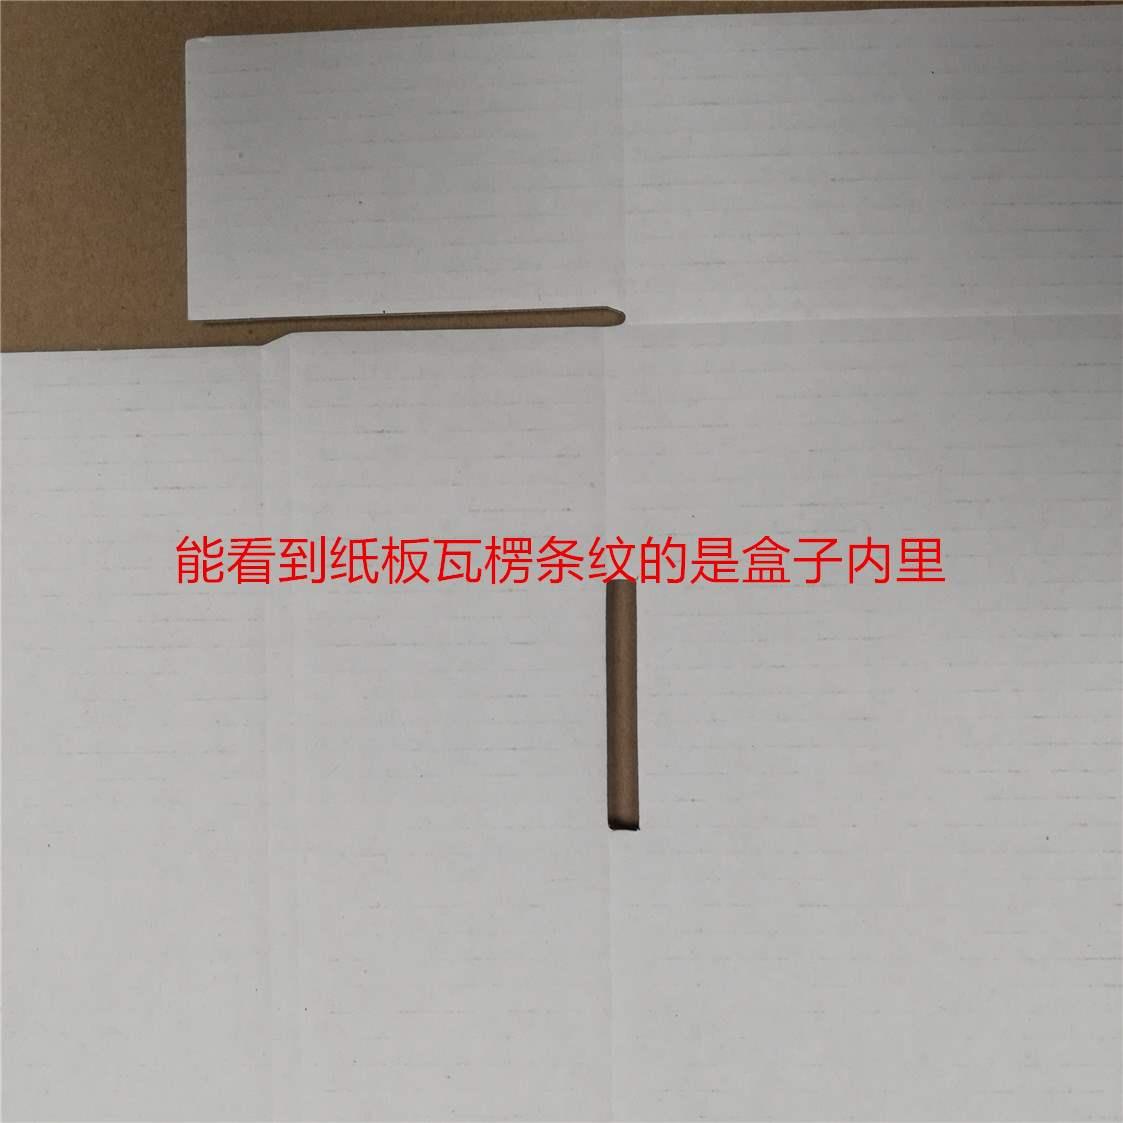 包装盒数码定制中号纸盒瓦楞盒绘本零件配件打包快递盒白色飞机盒